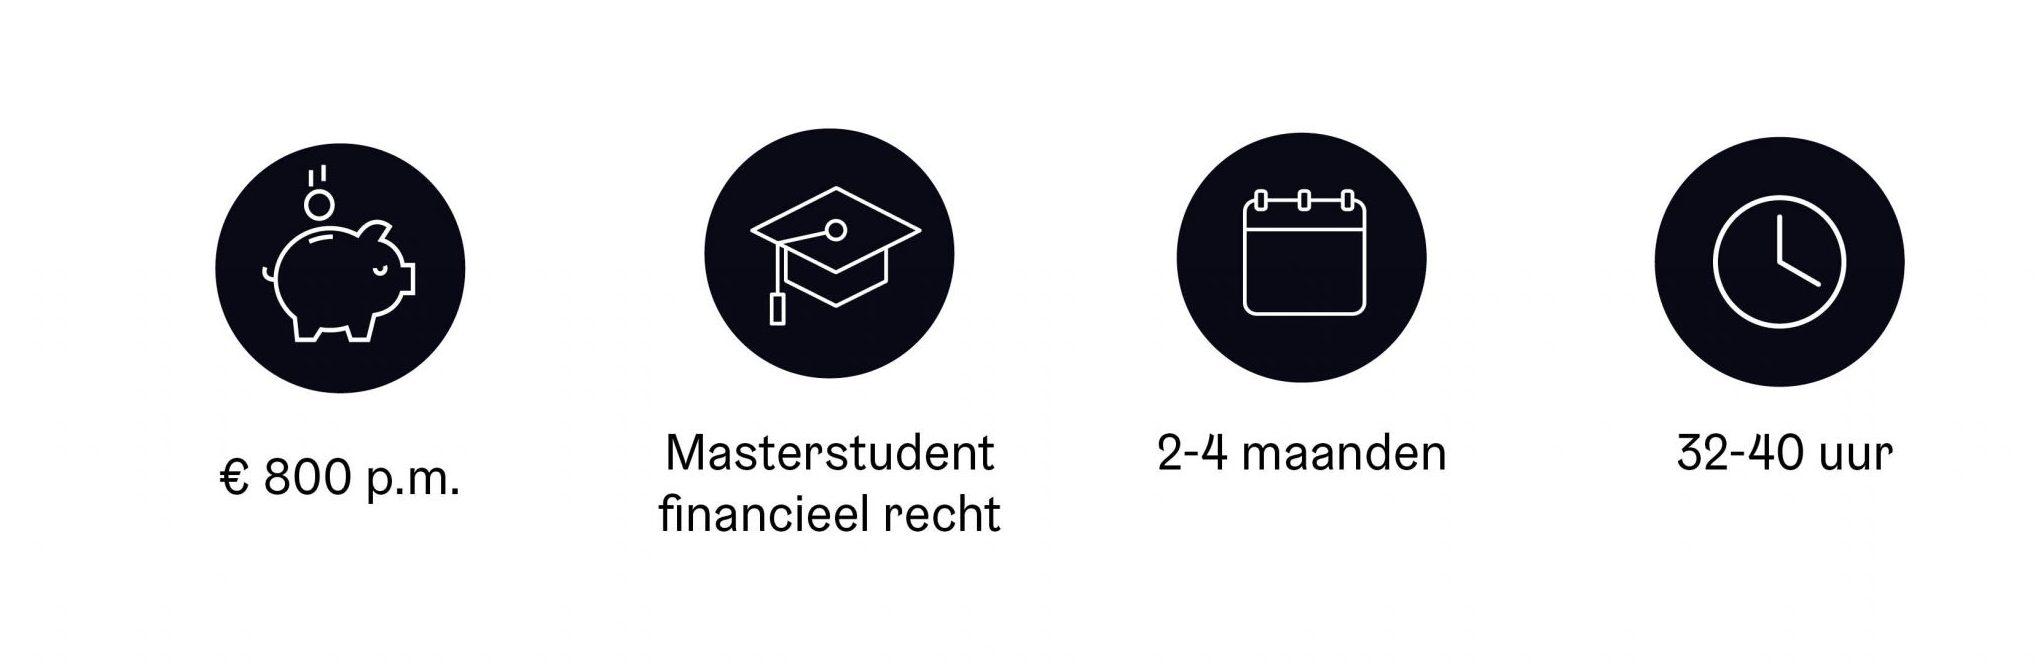 Student stagiaire financieel recht